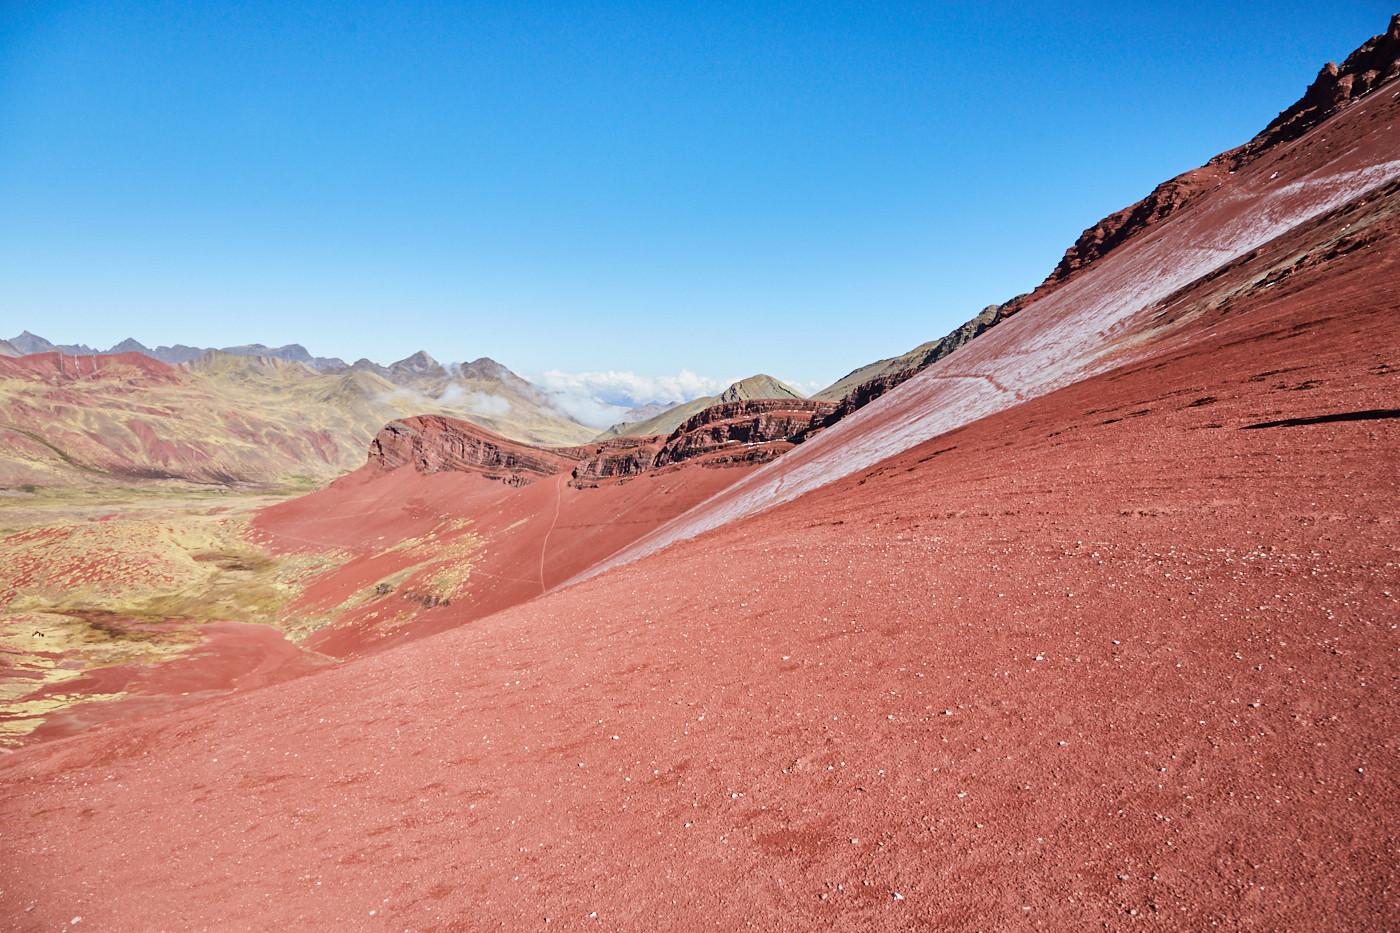 Das Red Valley in seiner schönsten Farbenrpacht - an einem sonnigen Tag sind die Farben am intensivsten